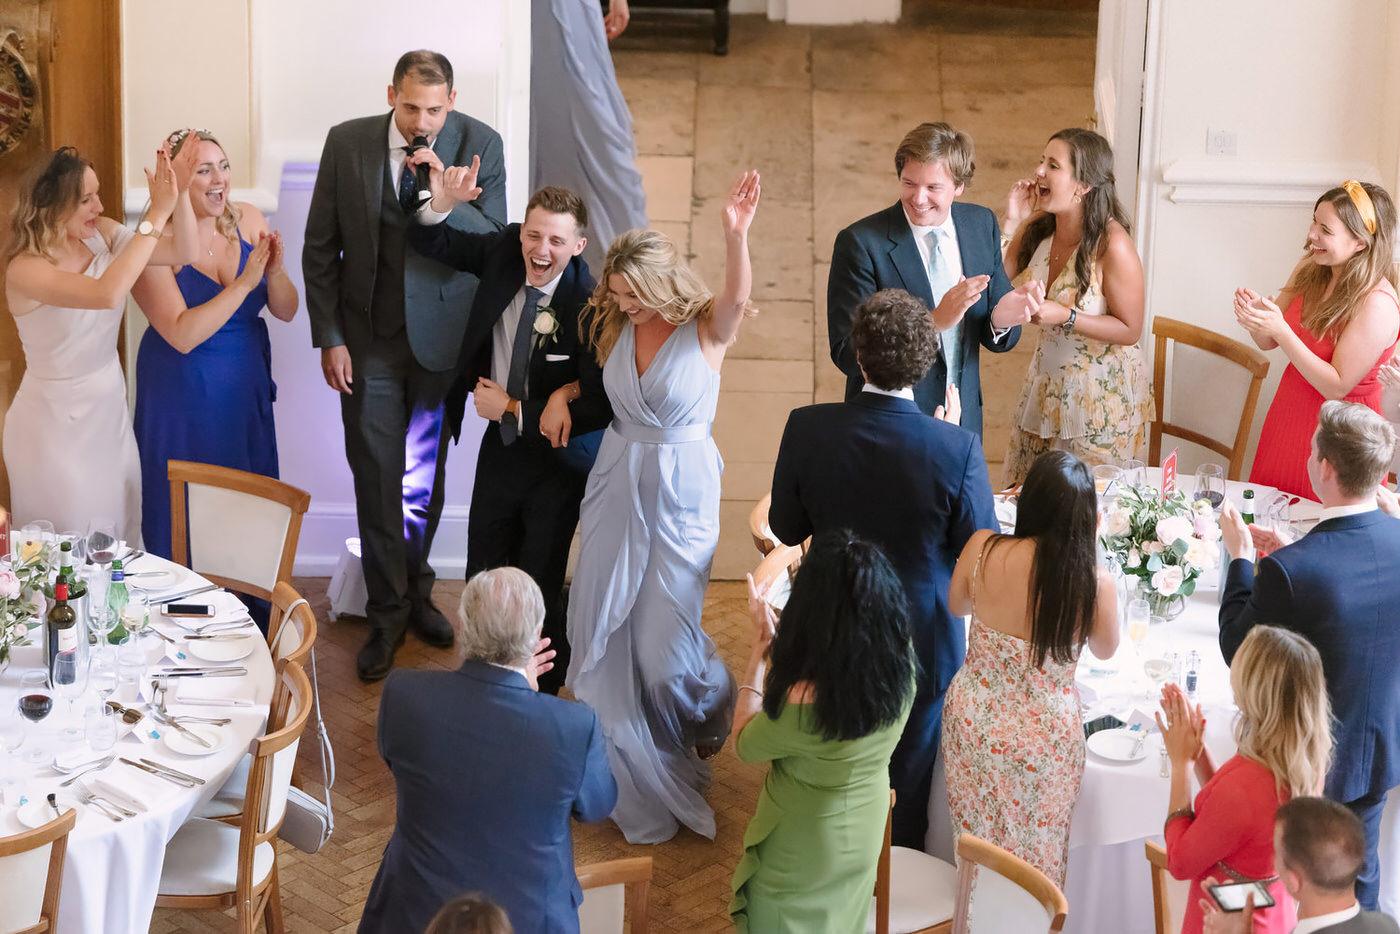 Wedding photographer Farnham Castle